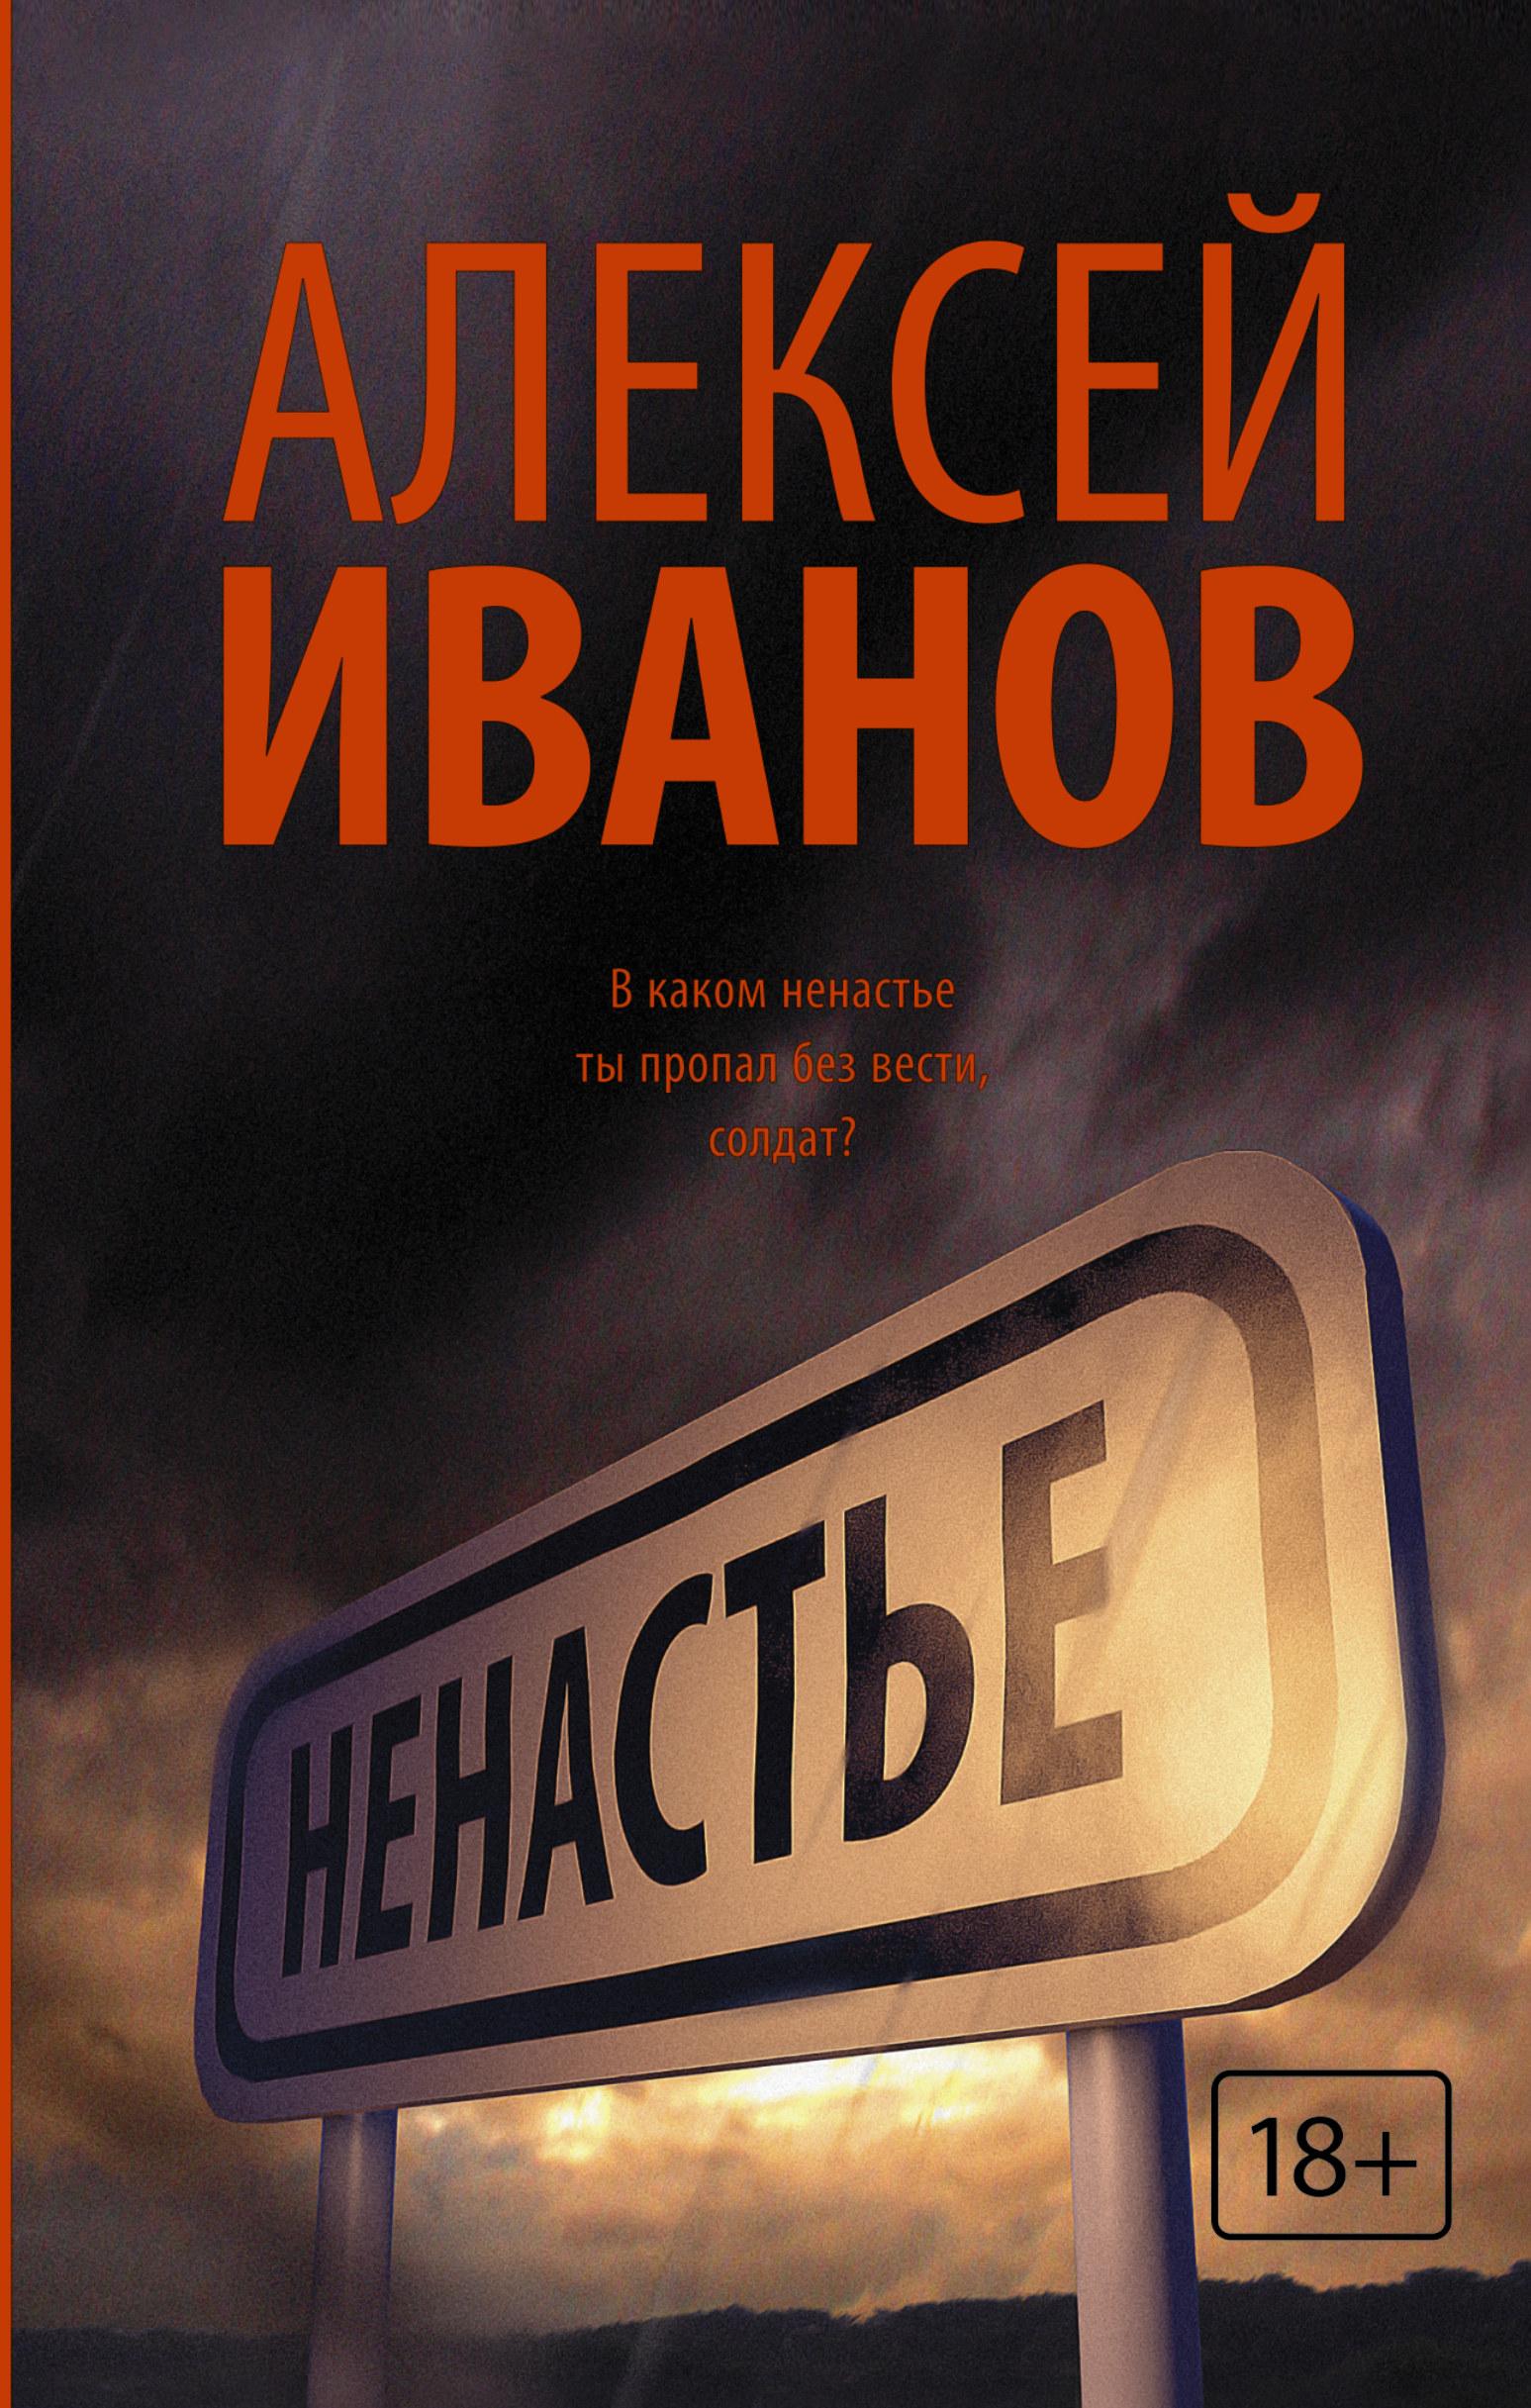 Алексей Иванов Ненастье